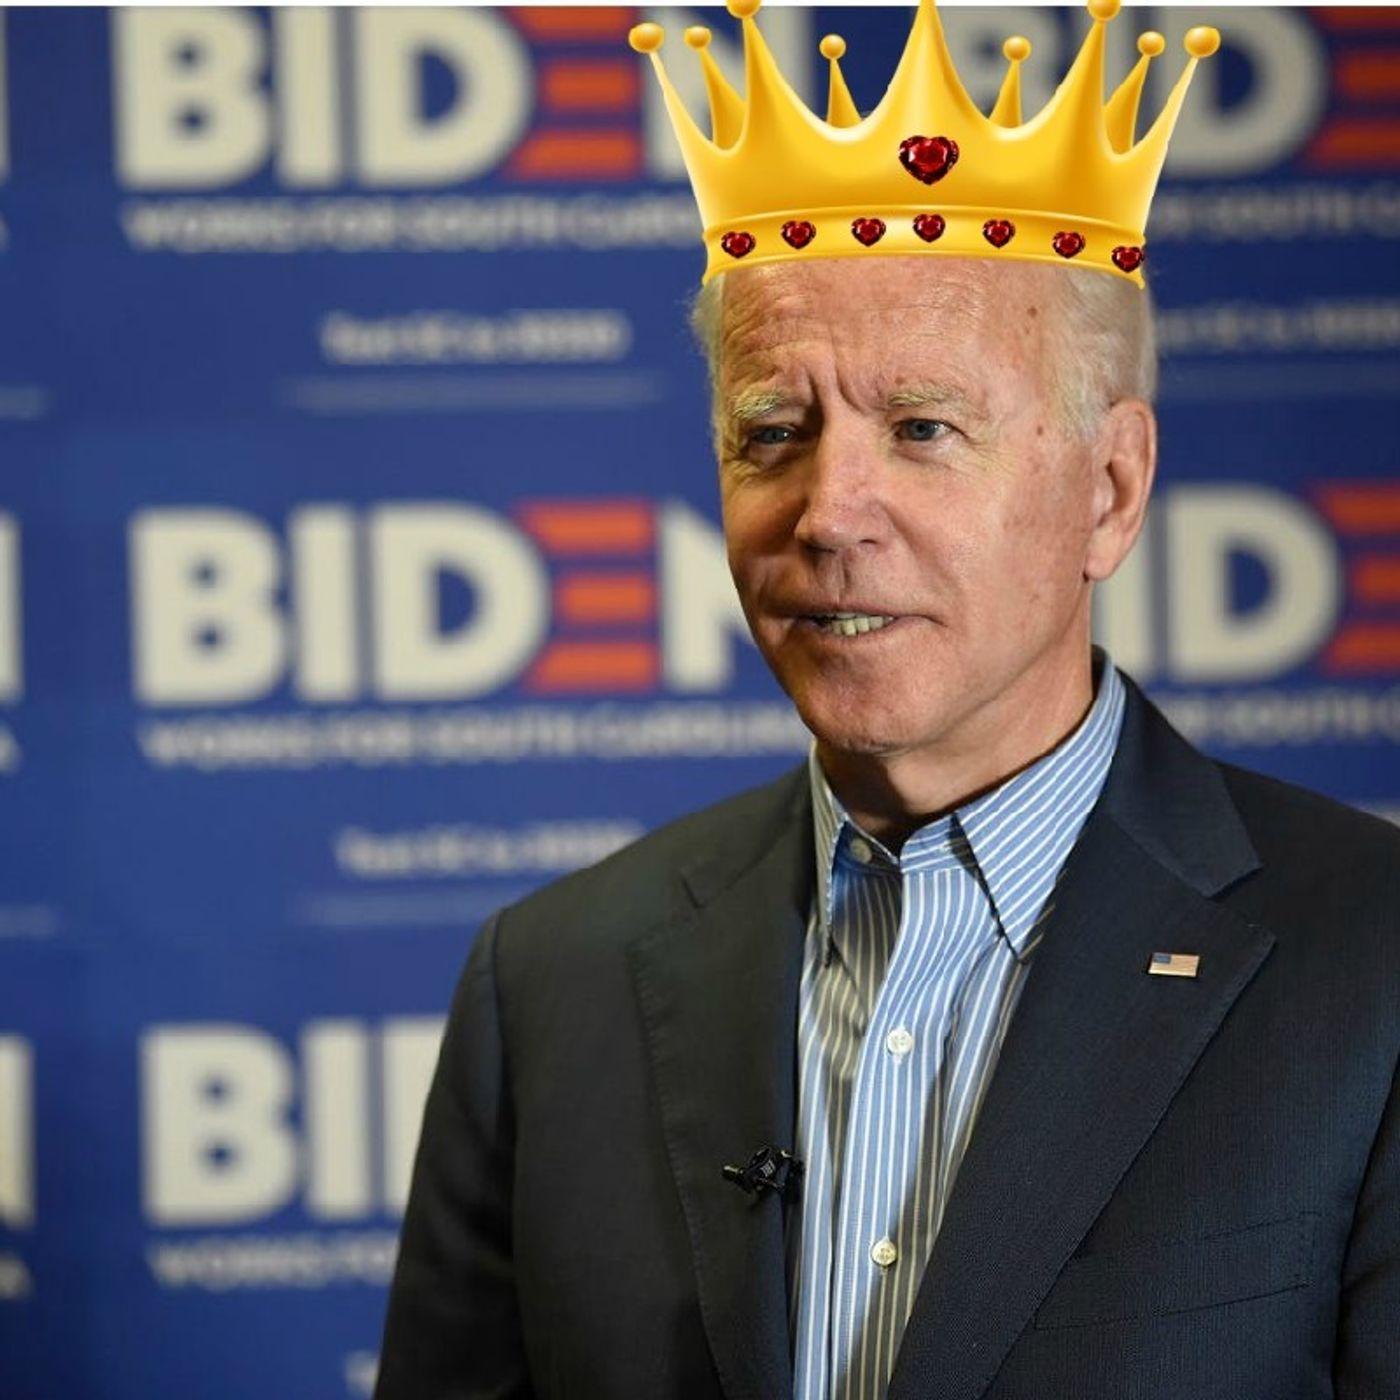 Episode 1407 - Biden's Imperial Presidency & DeSantis Invites Police Officers to Relocate